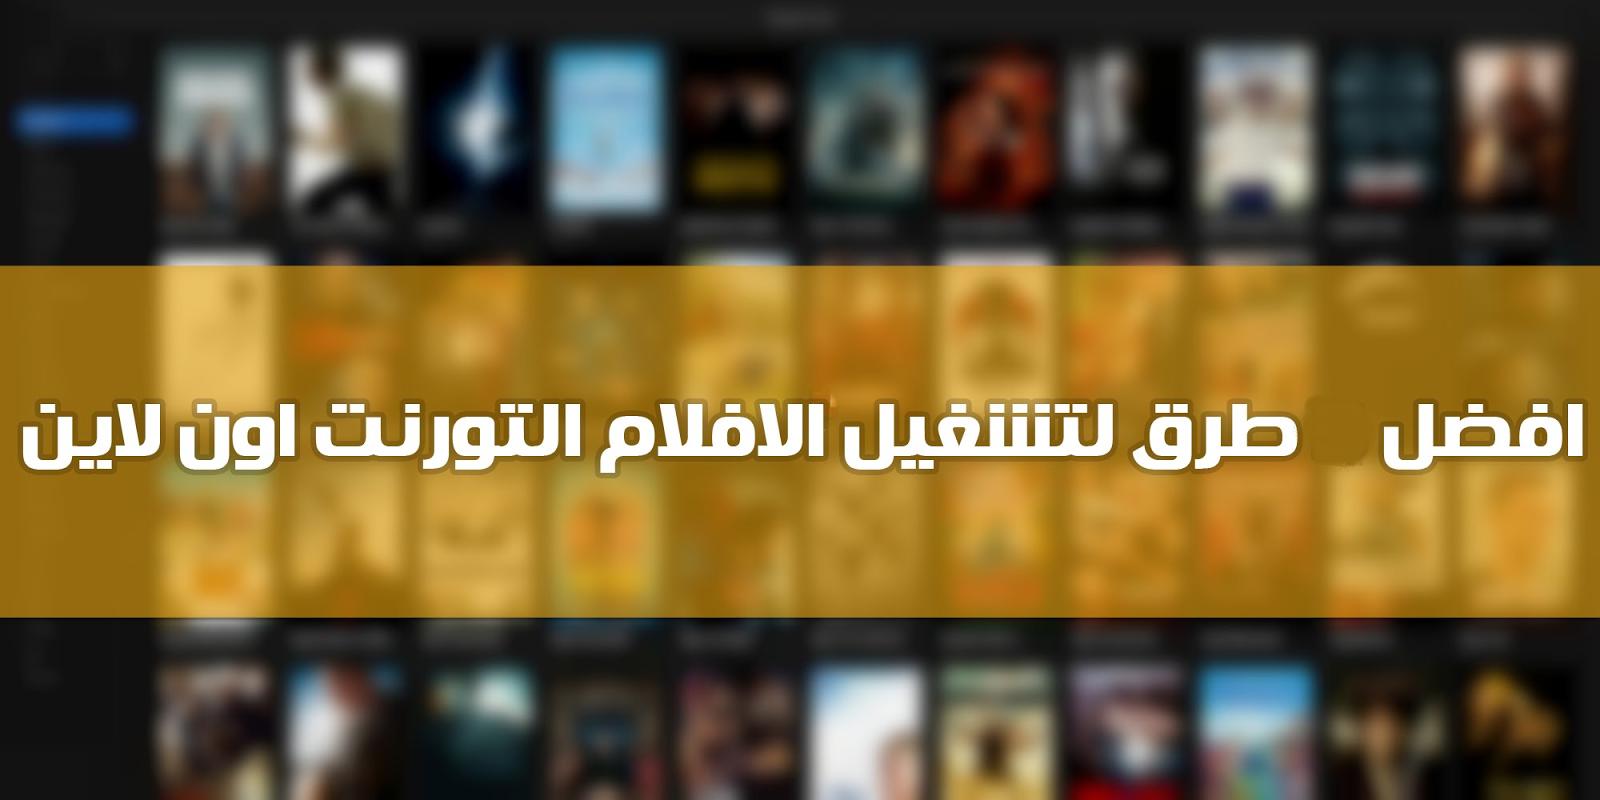 لتشغيل أفلام التورنت مباشر بدون تحميل مع الترجمة بأي لغة تريدها